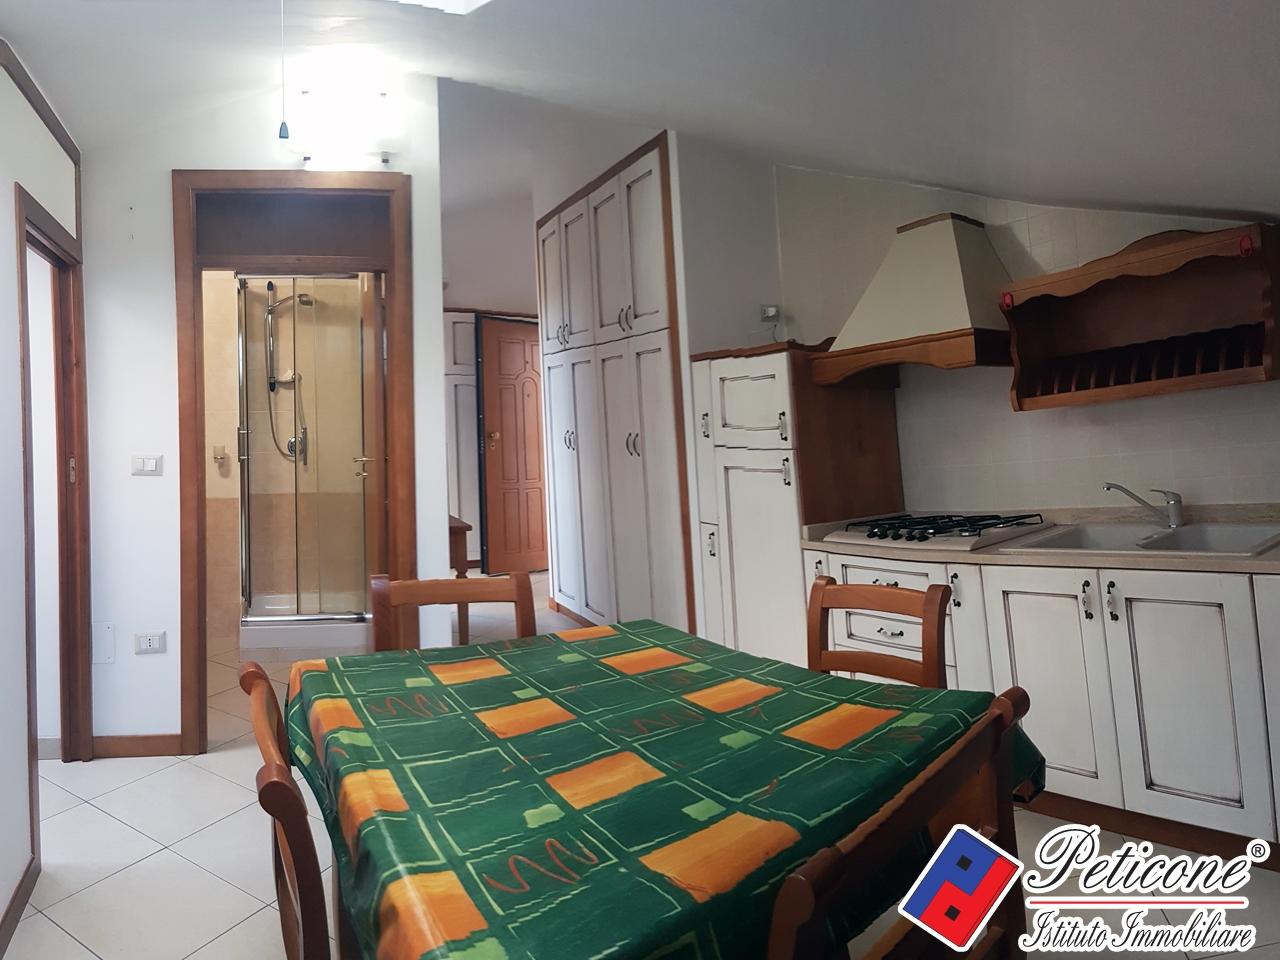 Appartamento in vendita a Fondi, 2 locali, zona Località: Semicentro, prezzo € 85.000 | PortaleAgenzieImmobiliari.it